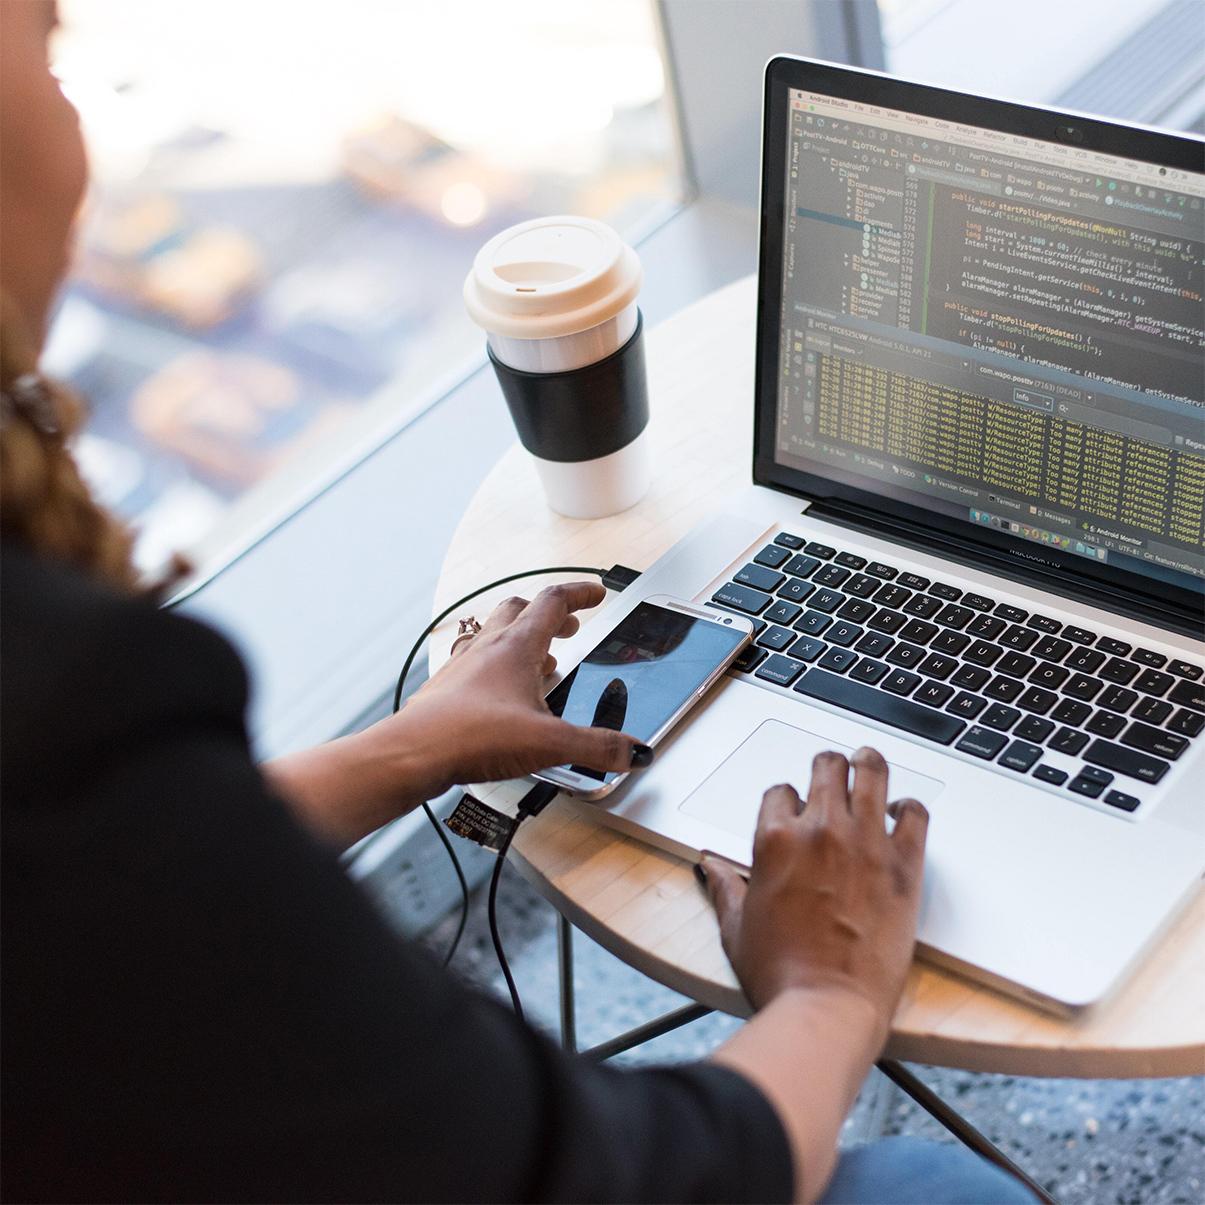 Varför används öppen källkod och vikten av säkerhet i hanteringen av öppen källkod | Vårt samarbete med open-source-security-företaget Debricked.